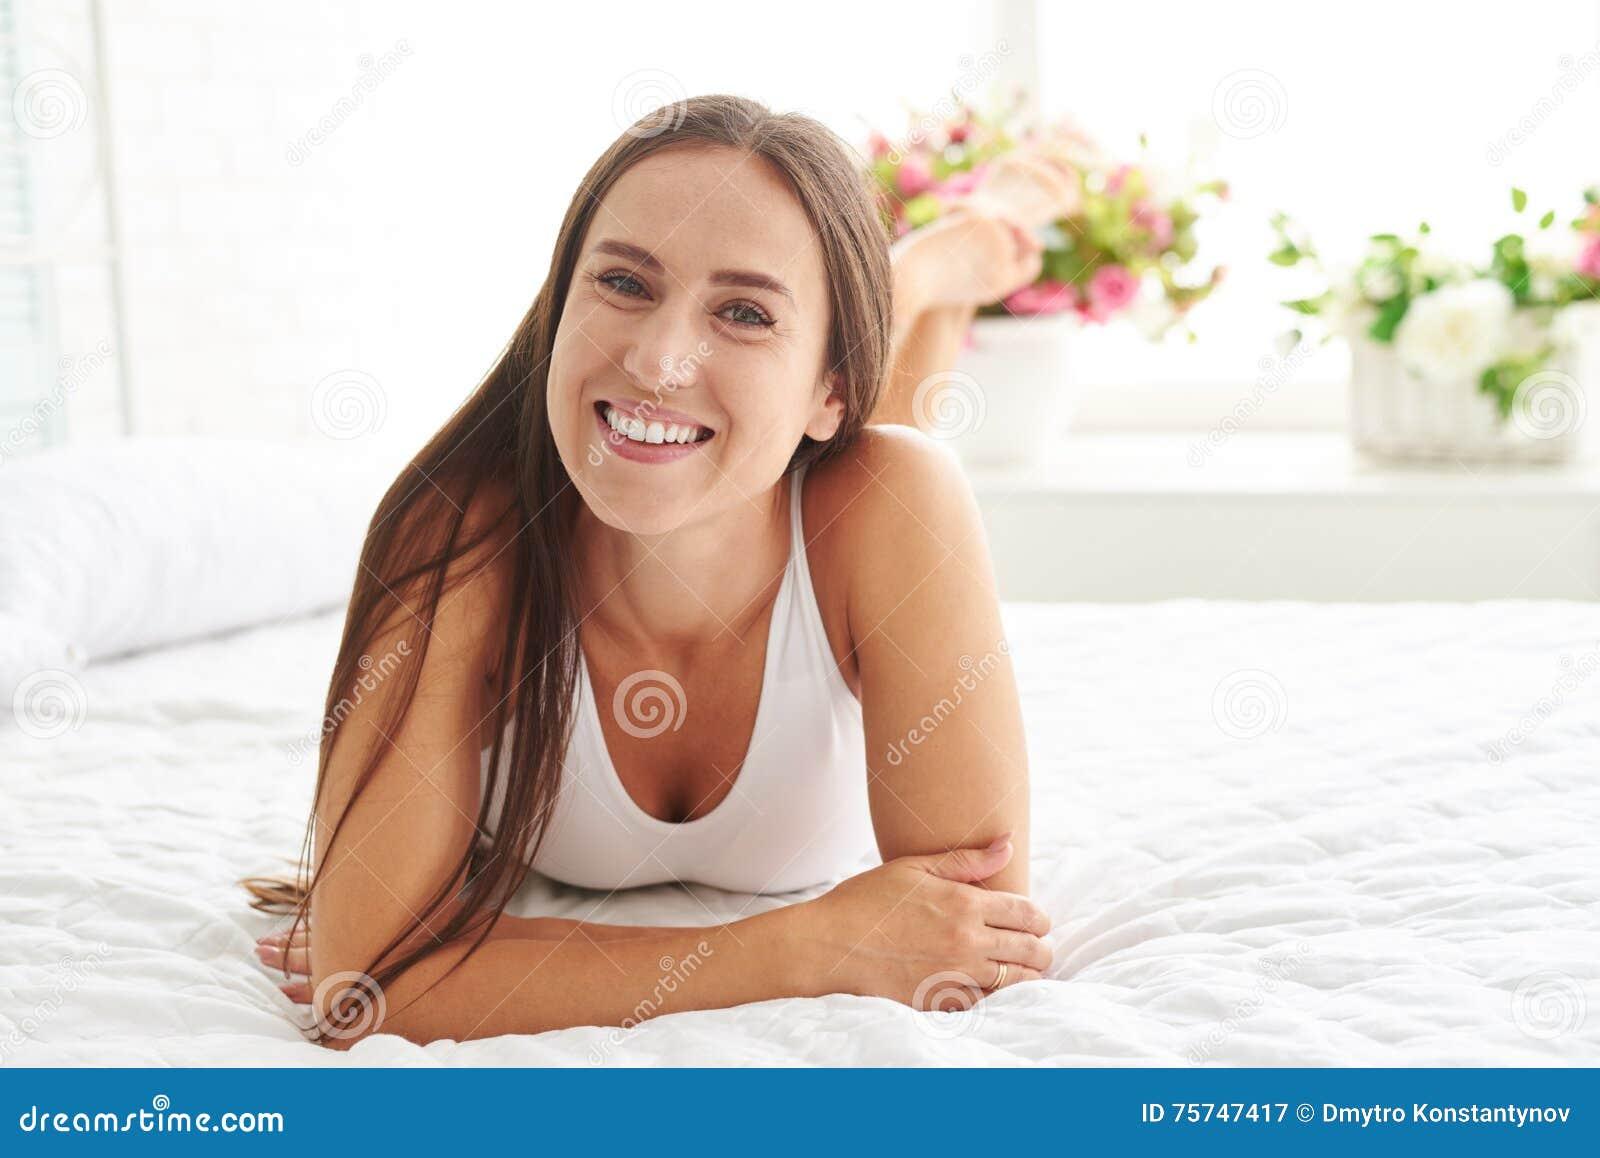 Teenage girl sitting legs crossed on bed looking in